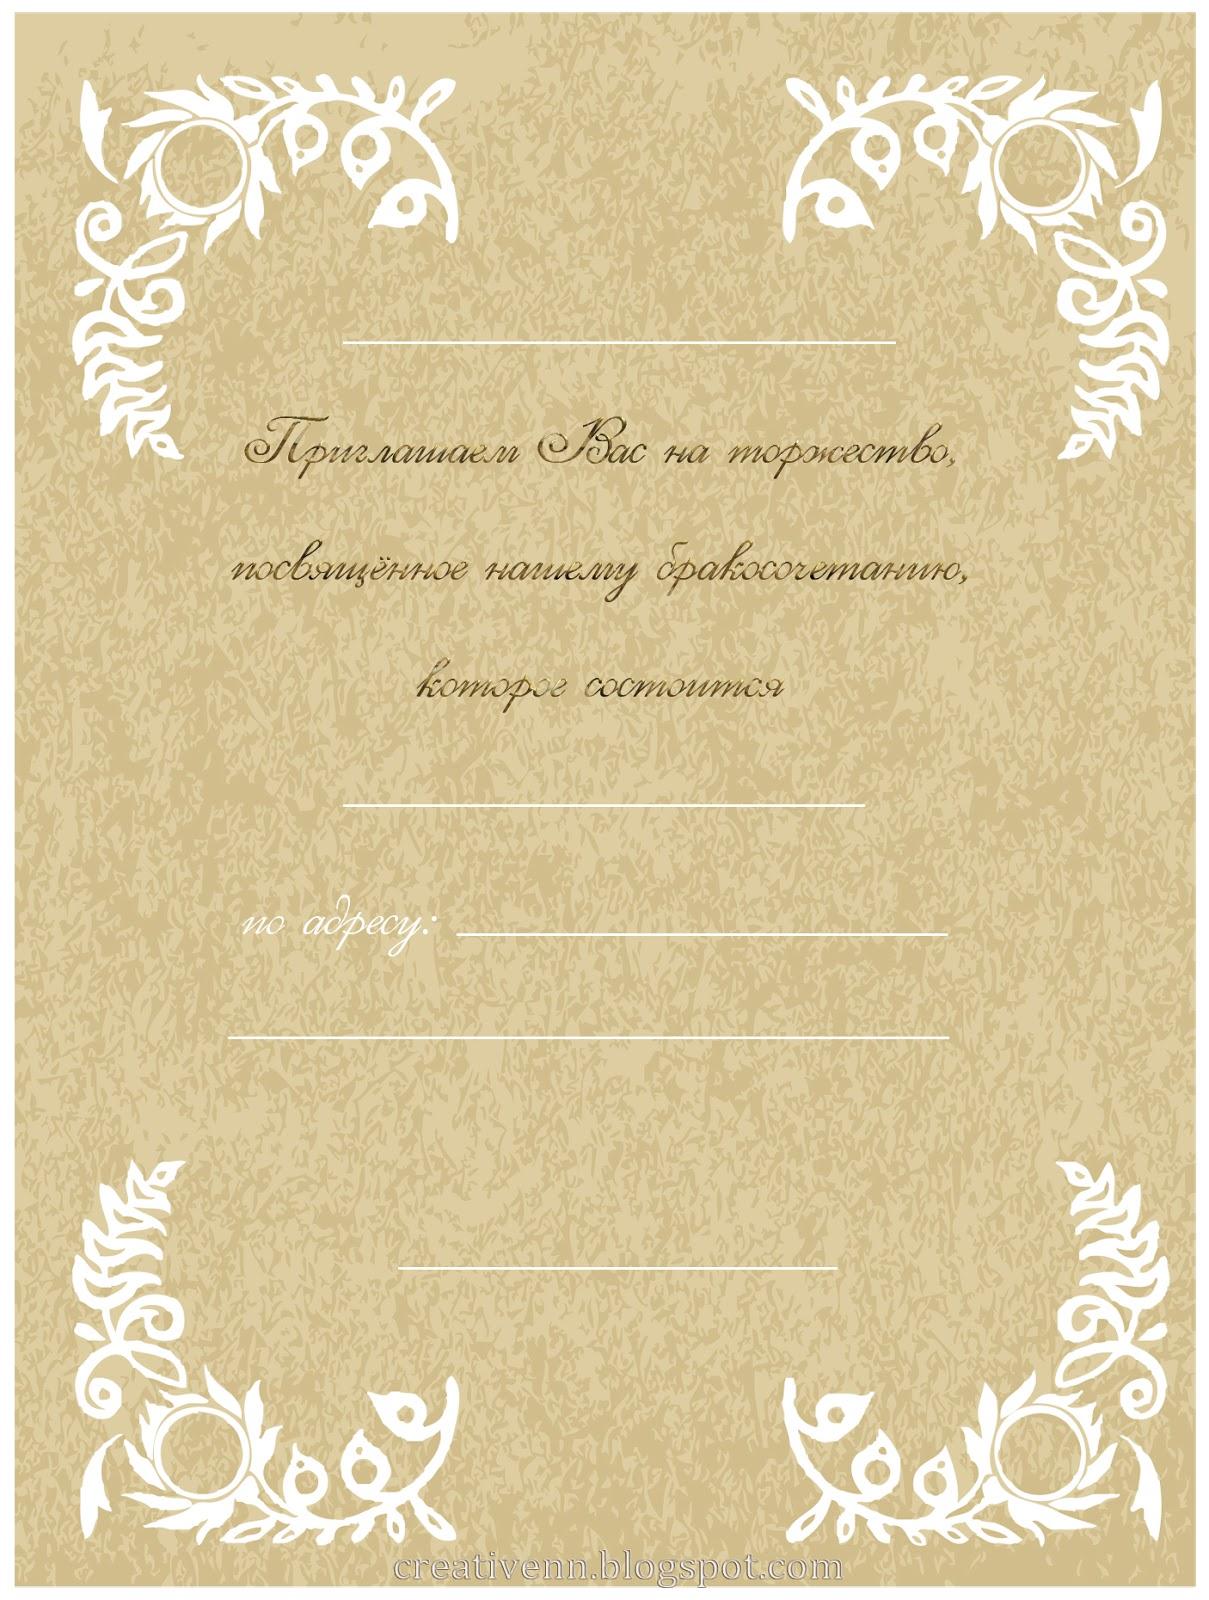 Тексты для пригласительных на свадьбу на татарском языке